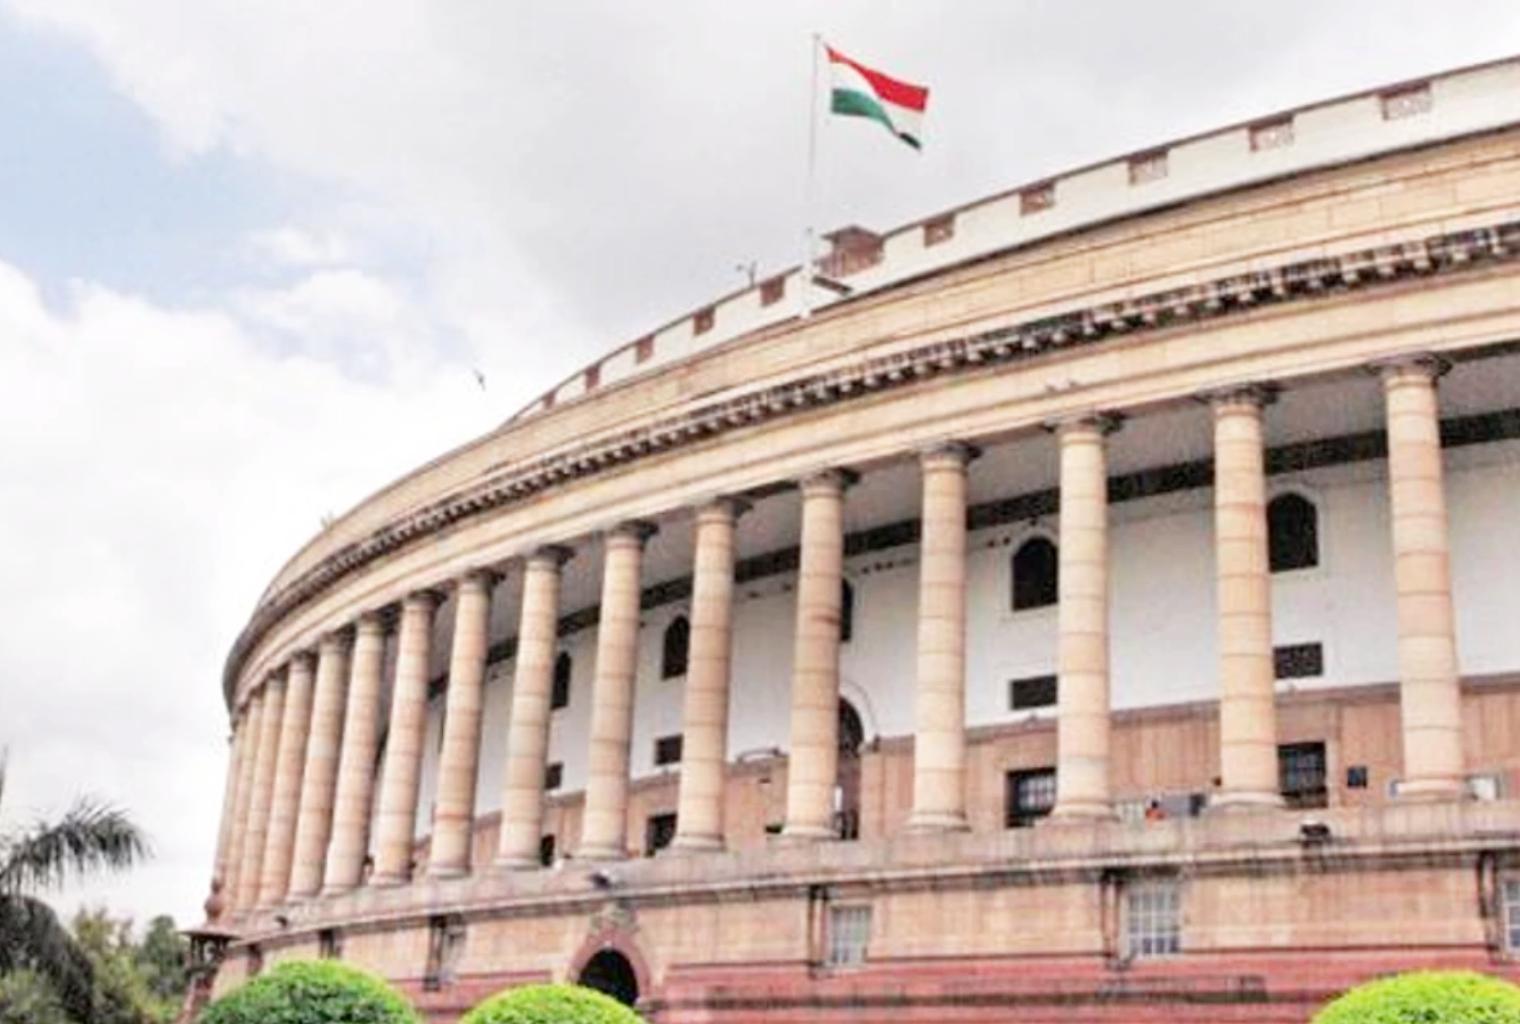 El gobierno indio retrasa la presentación del proyecto de ley de criptomonedas